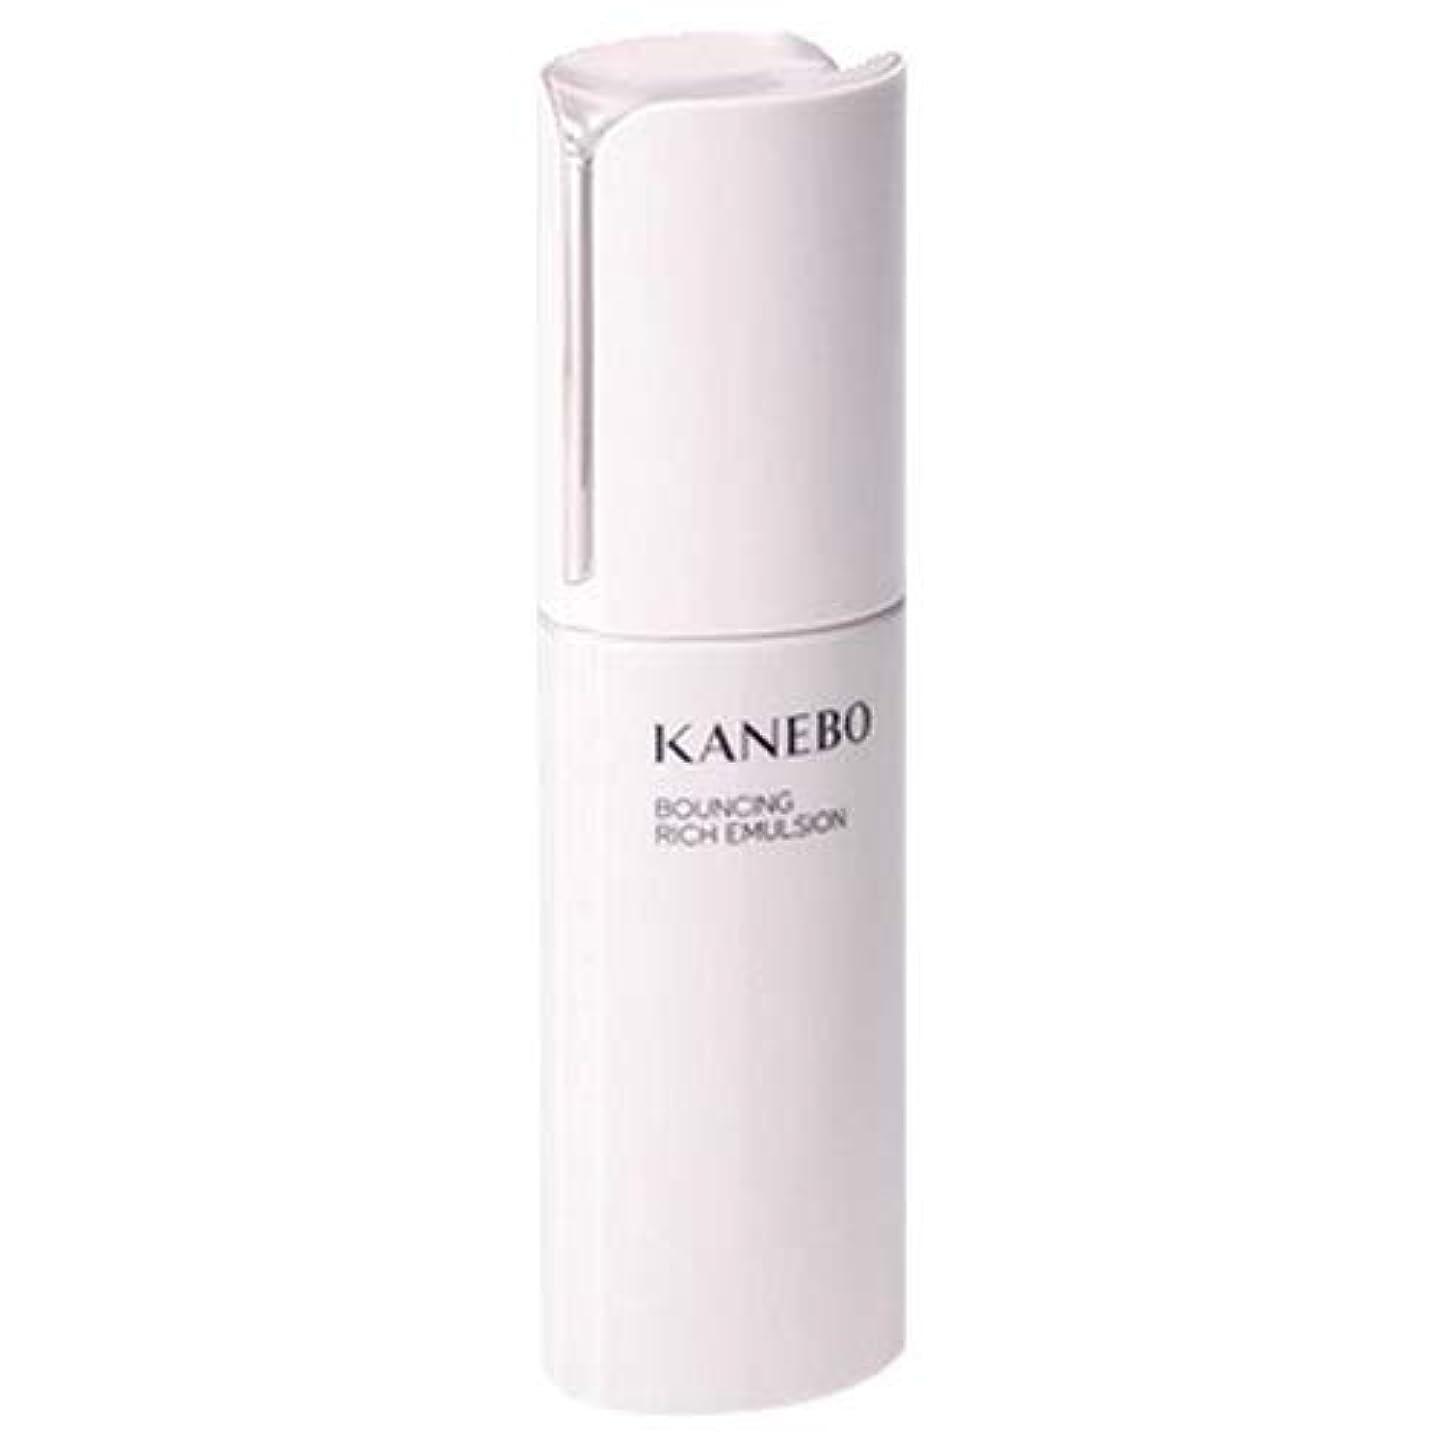 除去コーデリア酸っぱいカネボウ KANEBO 乳液 バウンシング リッチ エマルジョン 100ml [並行輸入品]